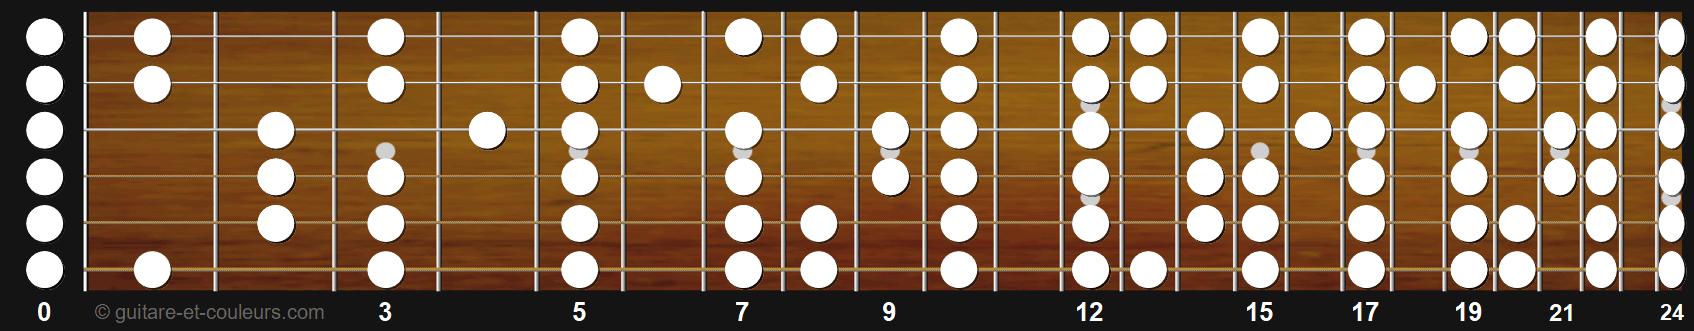 manche de guitare avec notes non altérées prépositionnées à mettre en couleur